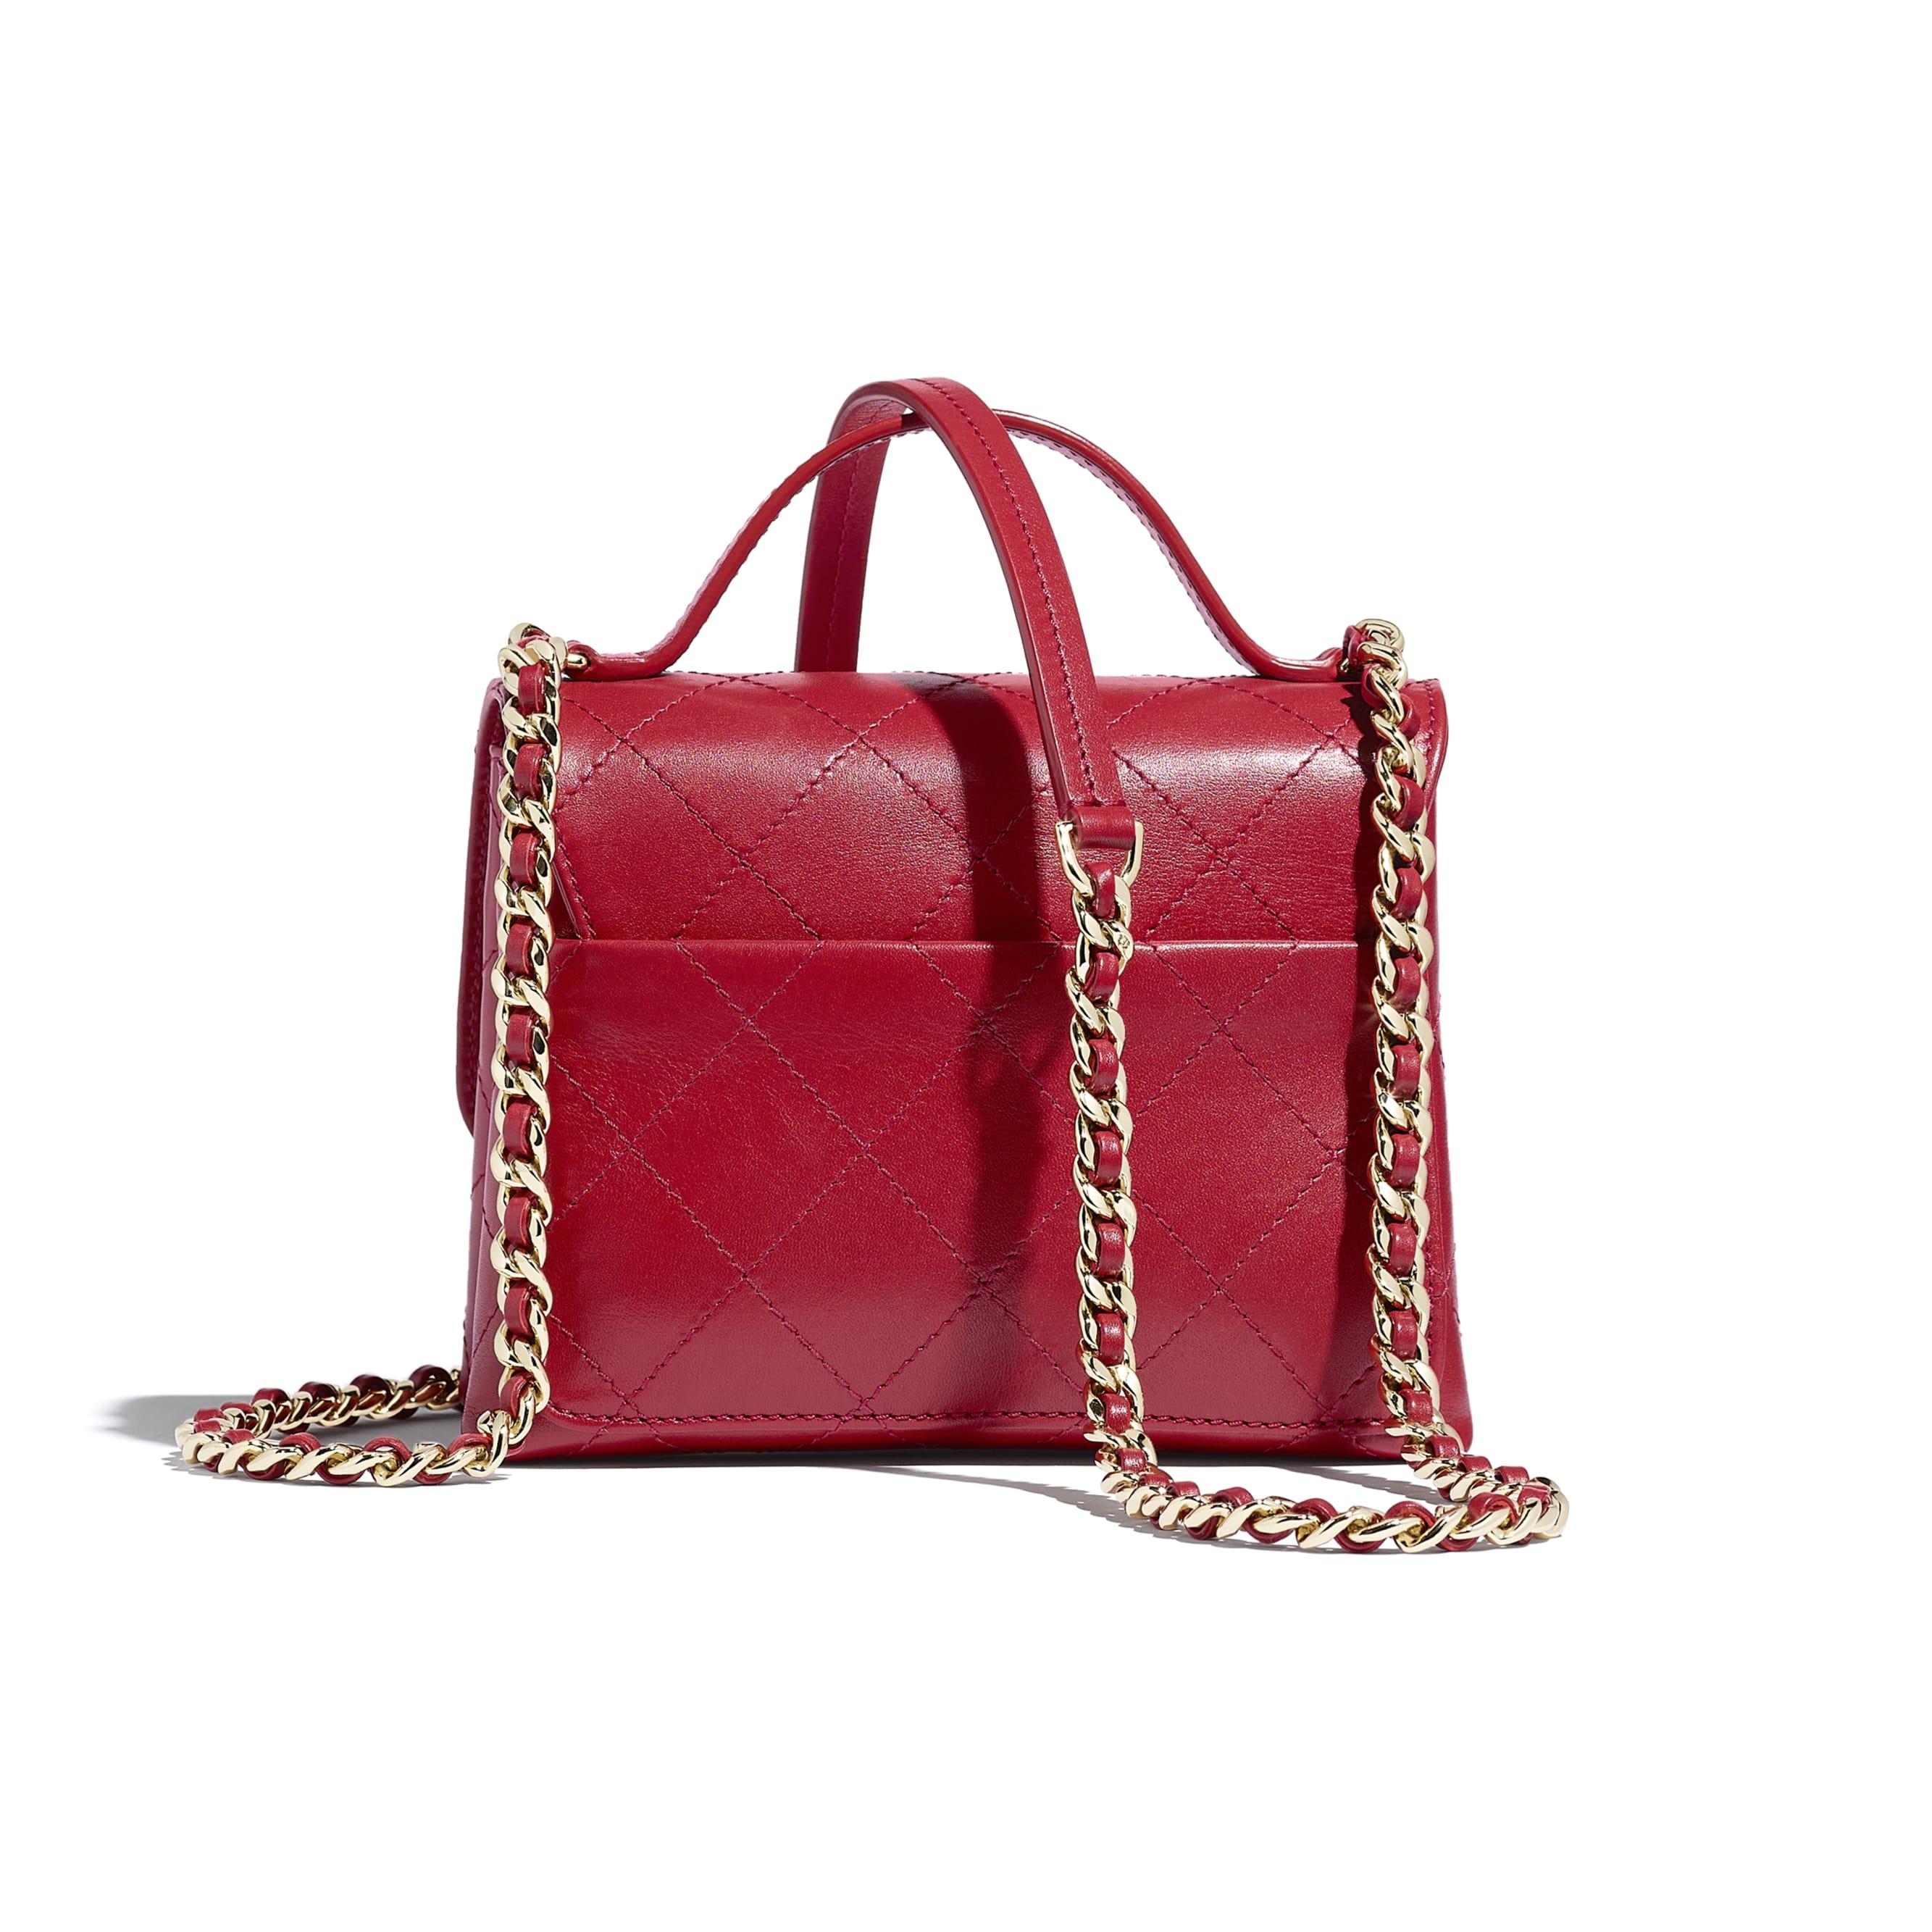 Сумка-конверт - Красный - Кожа теленка и золотистый металл - Альтернативный вид - посмотреть изображение стандартного размера